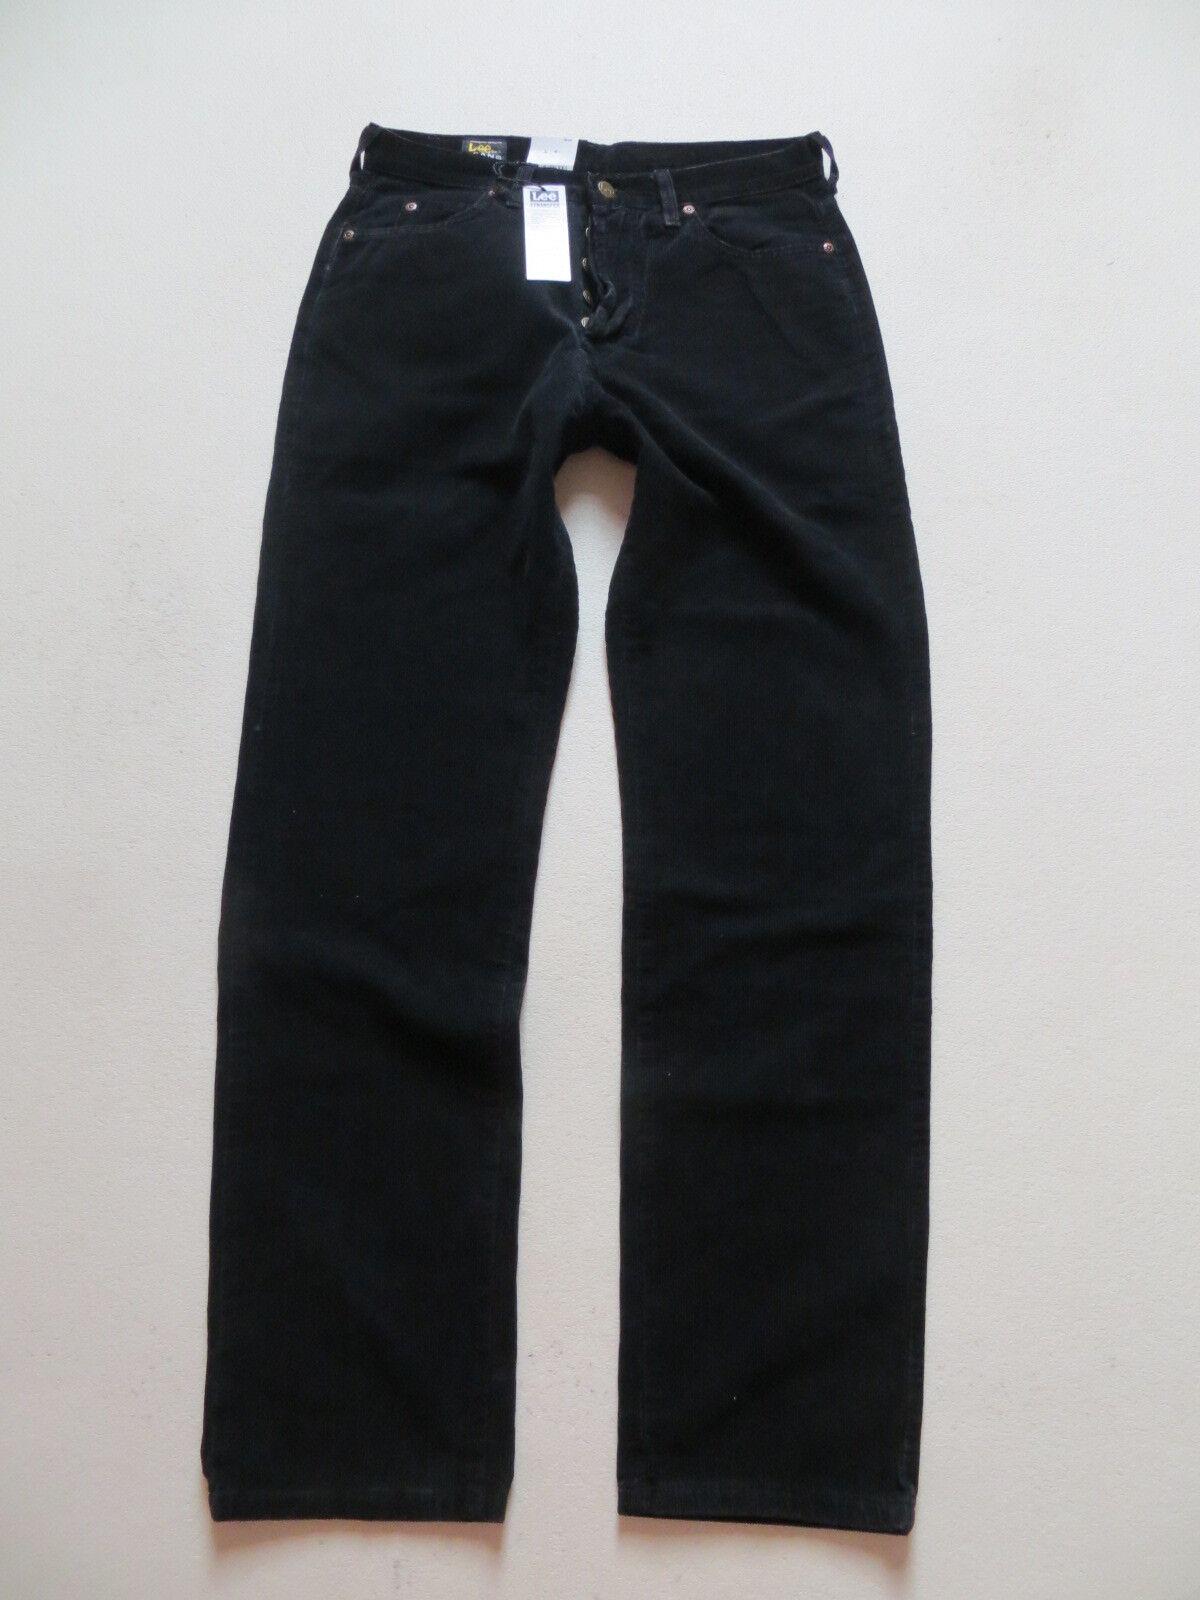 Lee CHICAGO Cord Jeans Hose W 31  L 32 schwarz NEU   Cordhose mit Knopfleiste